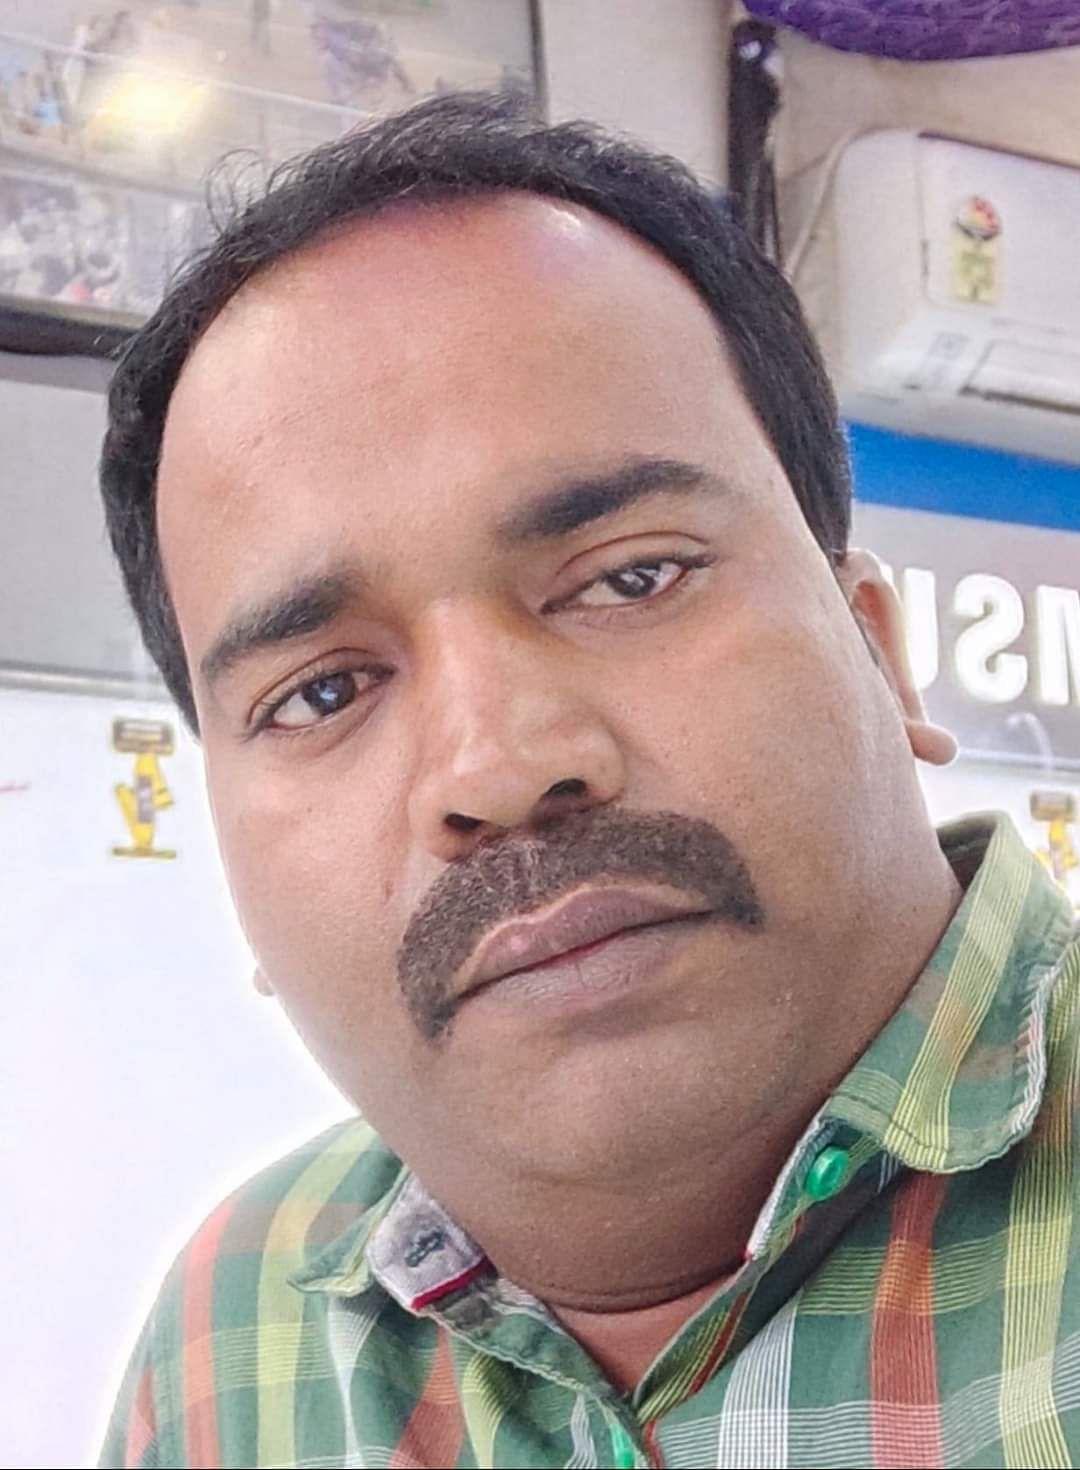 कांग्रेस पार्टी के नहीं रामगढ़ पुलिस के प्रवक्ता है शहजादा : भोला दांगी